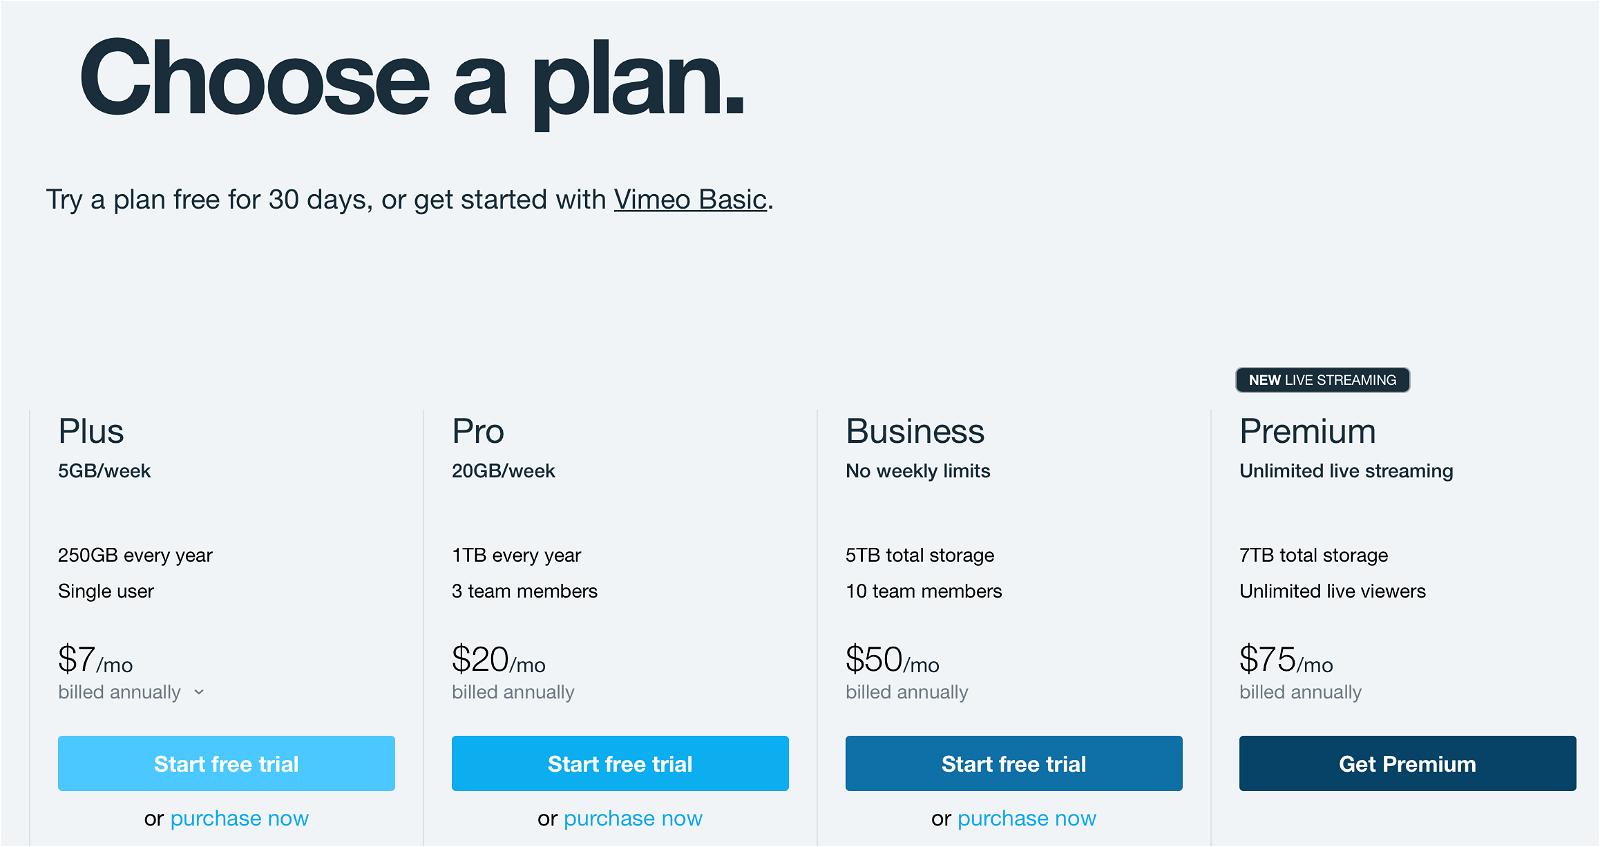 Vimeo pricing chart